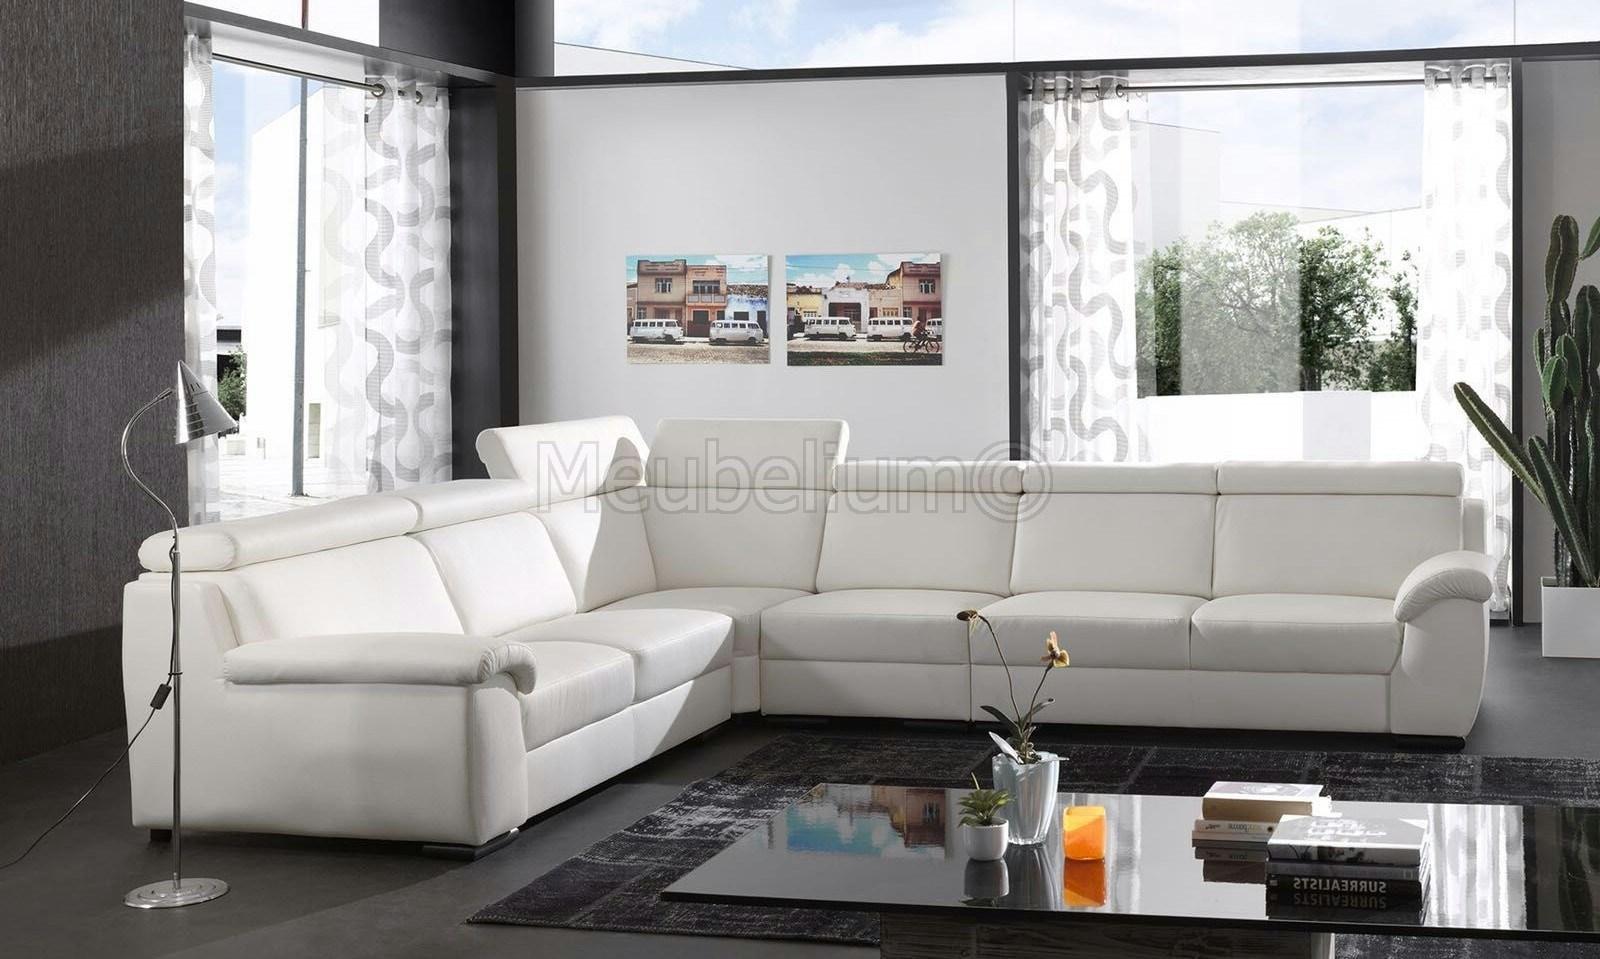 Canapé d angle design panoramique confortable haut de